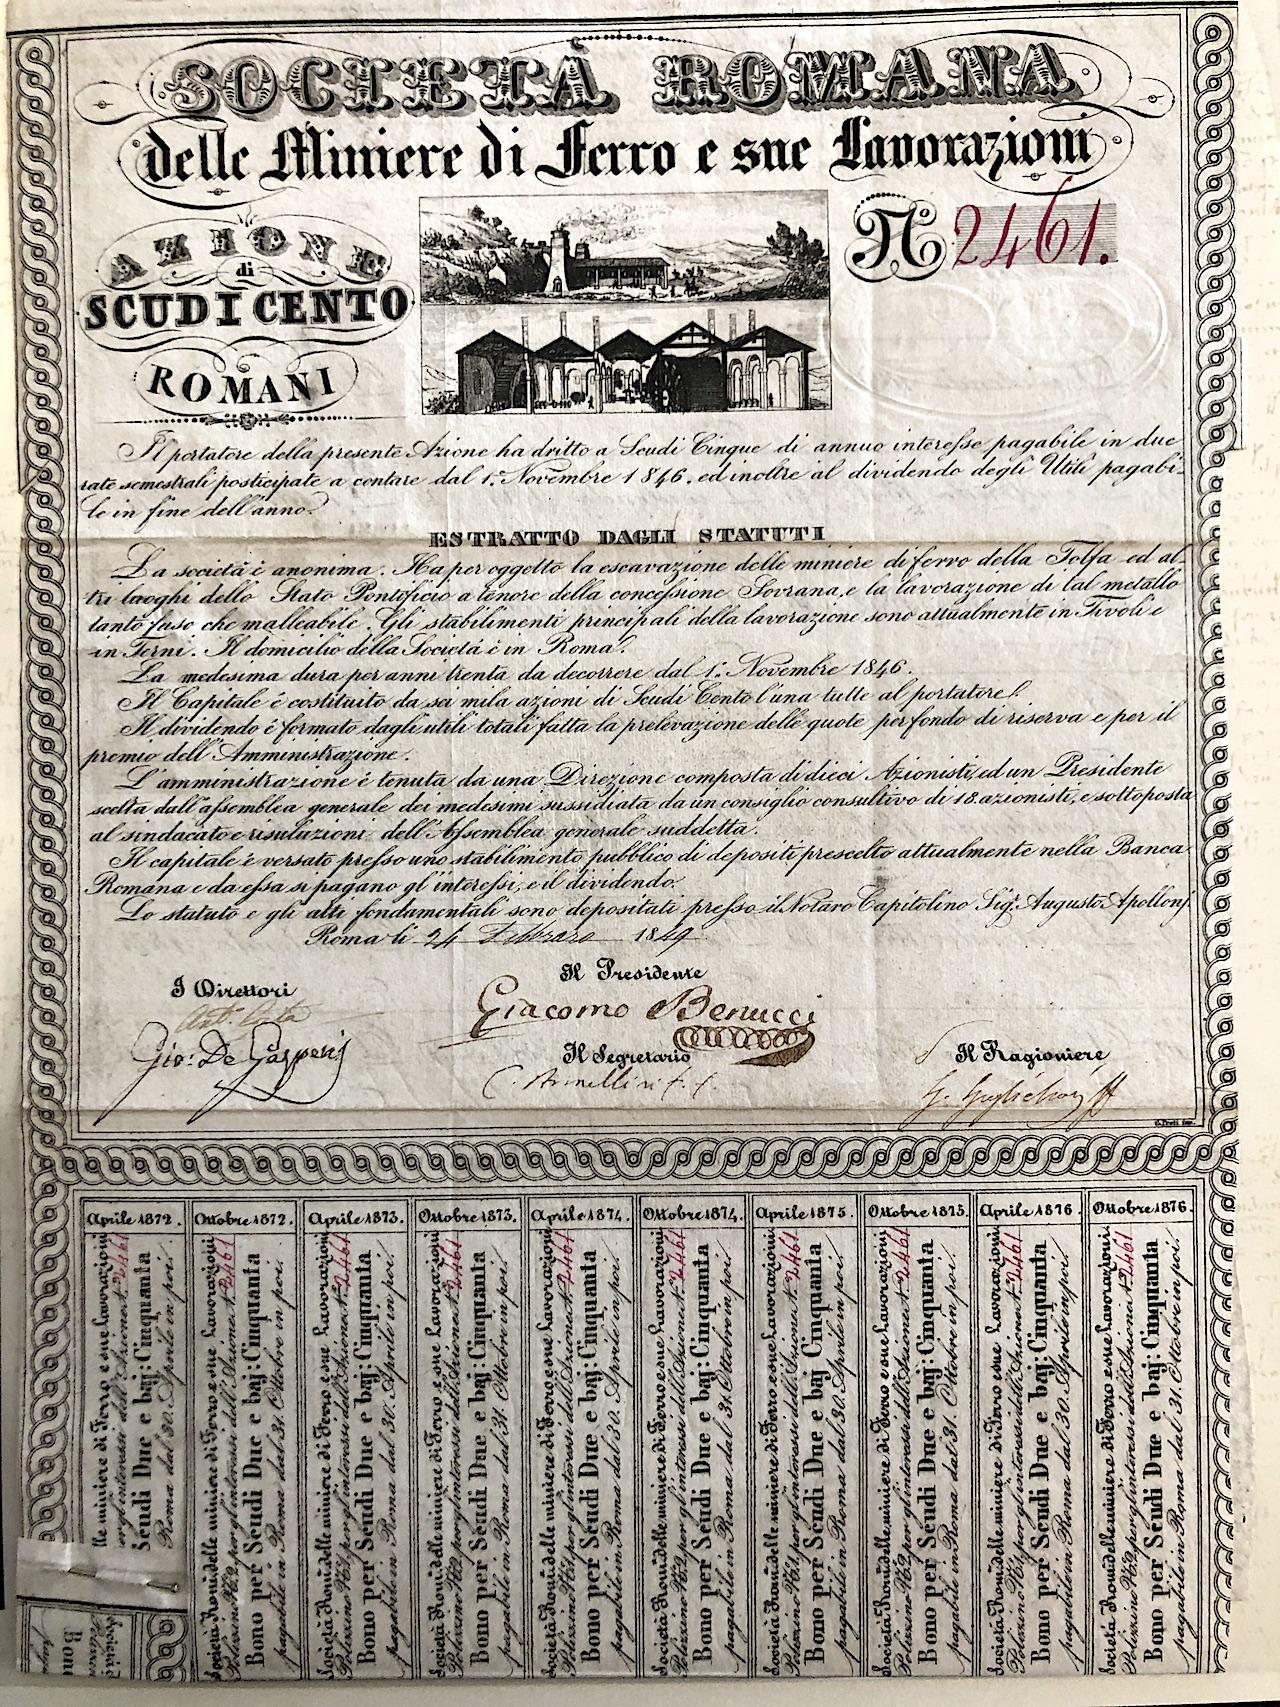 1849 Romana Delle Miniere Di Ferro E Sue Lavorazioni Soc Firma Di Armellini Roma